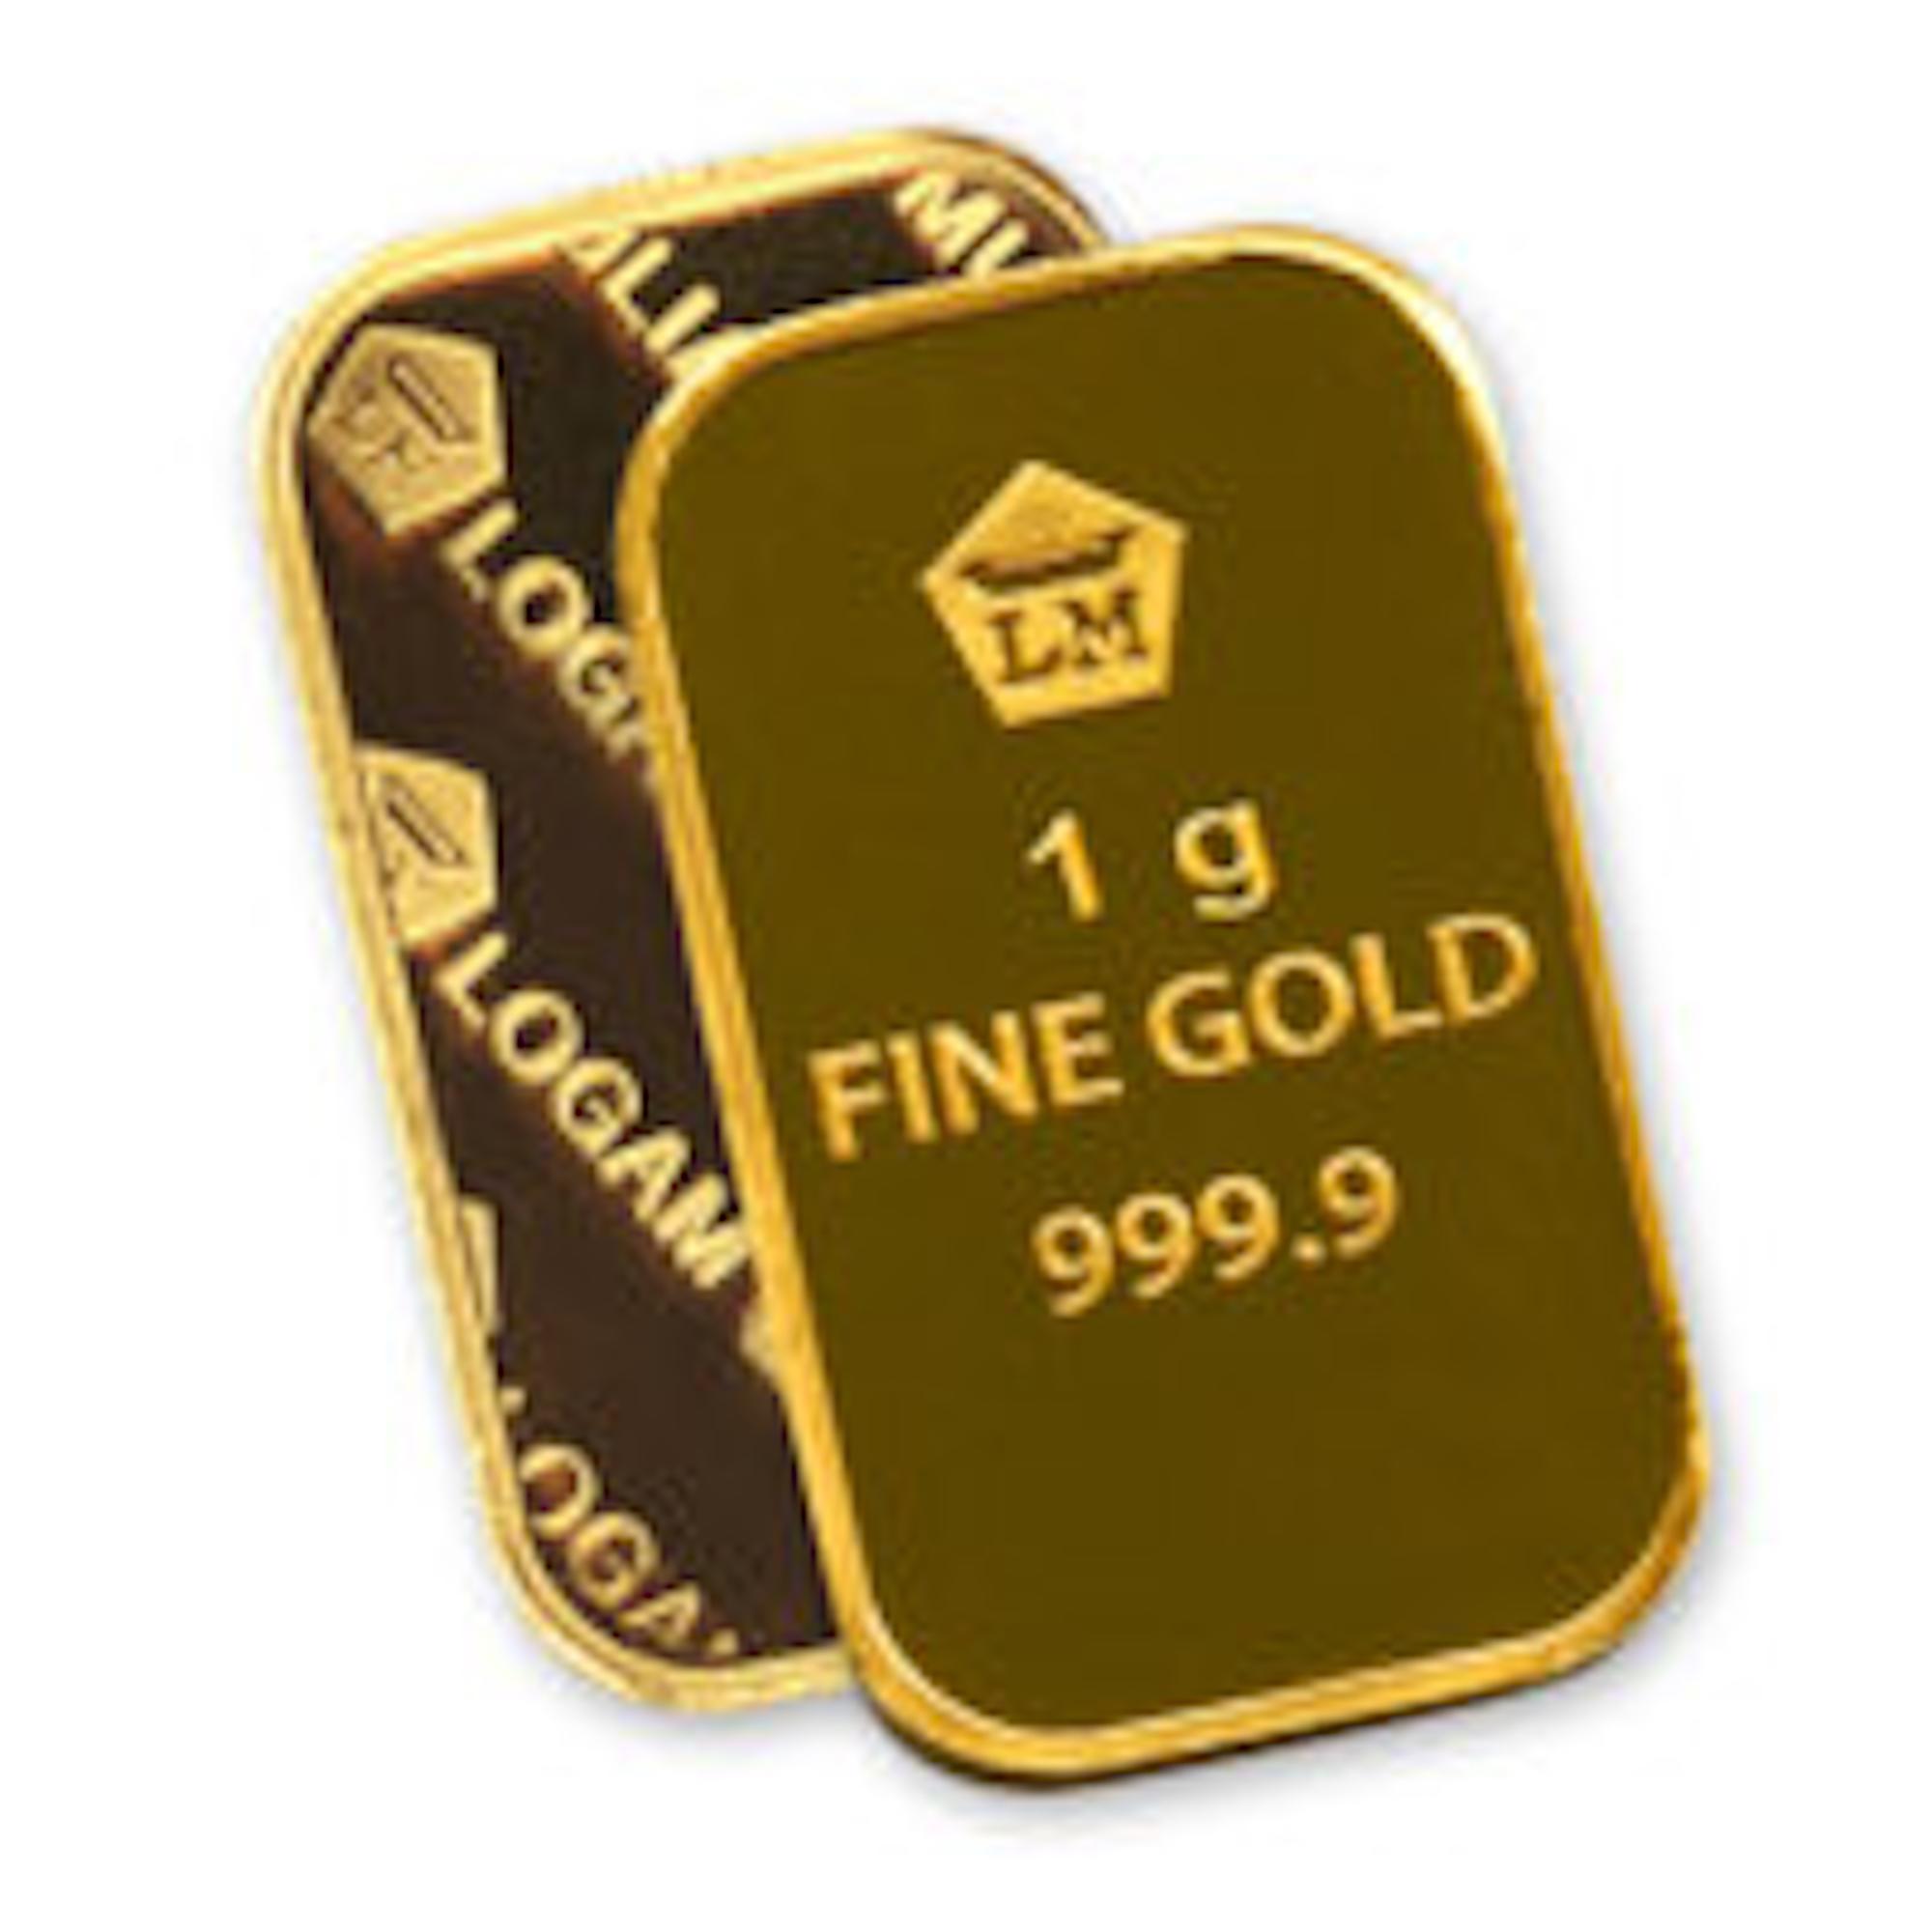 Jual Emas 1 Gram Antam Fine Gold 24 Karat Sertifikat Logam Mulia